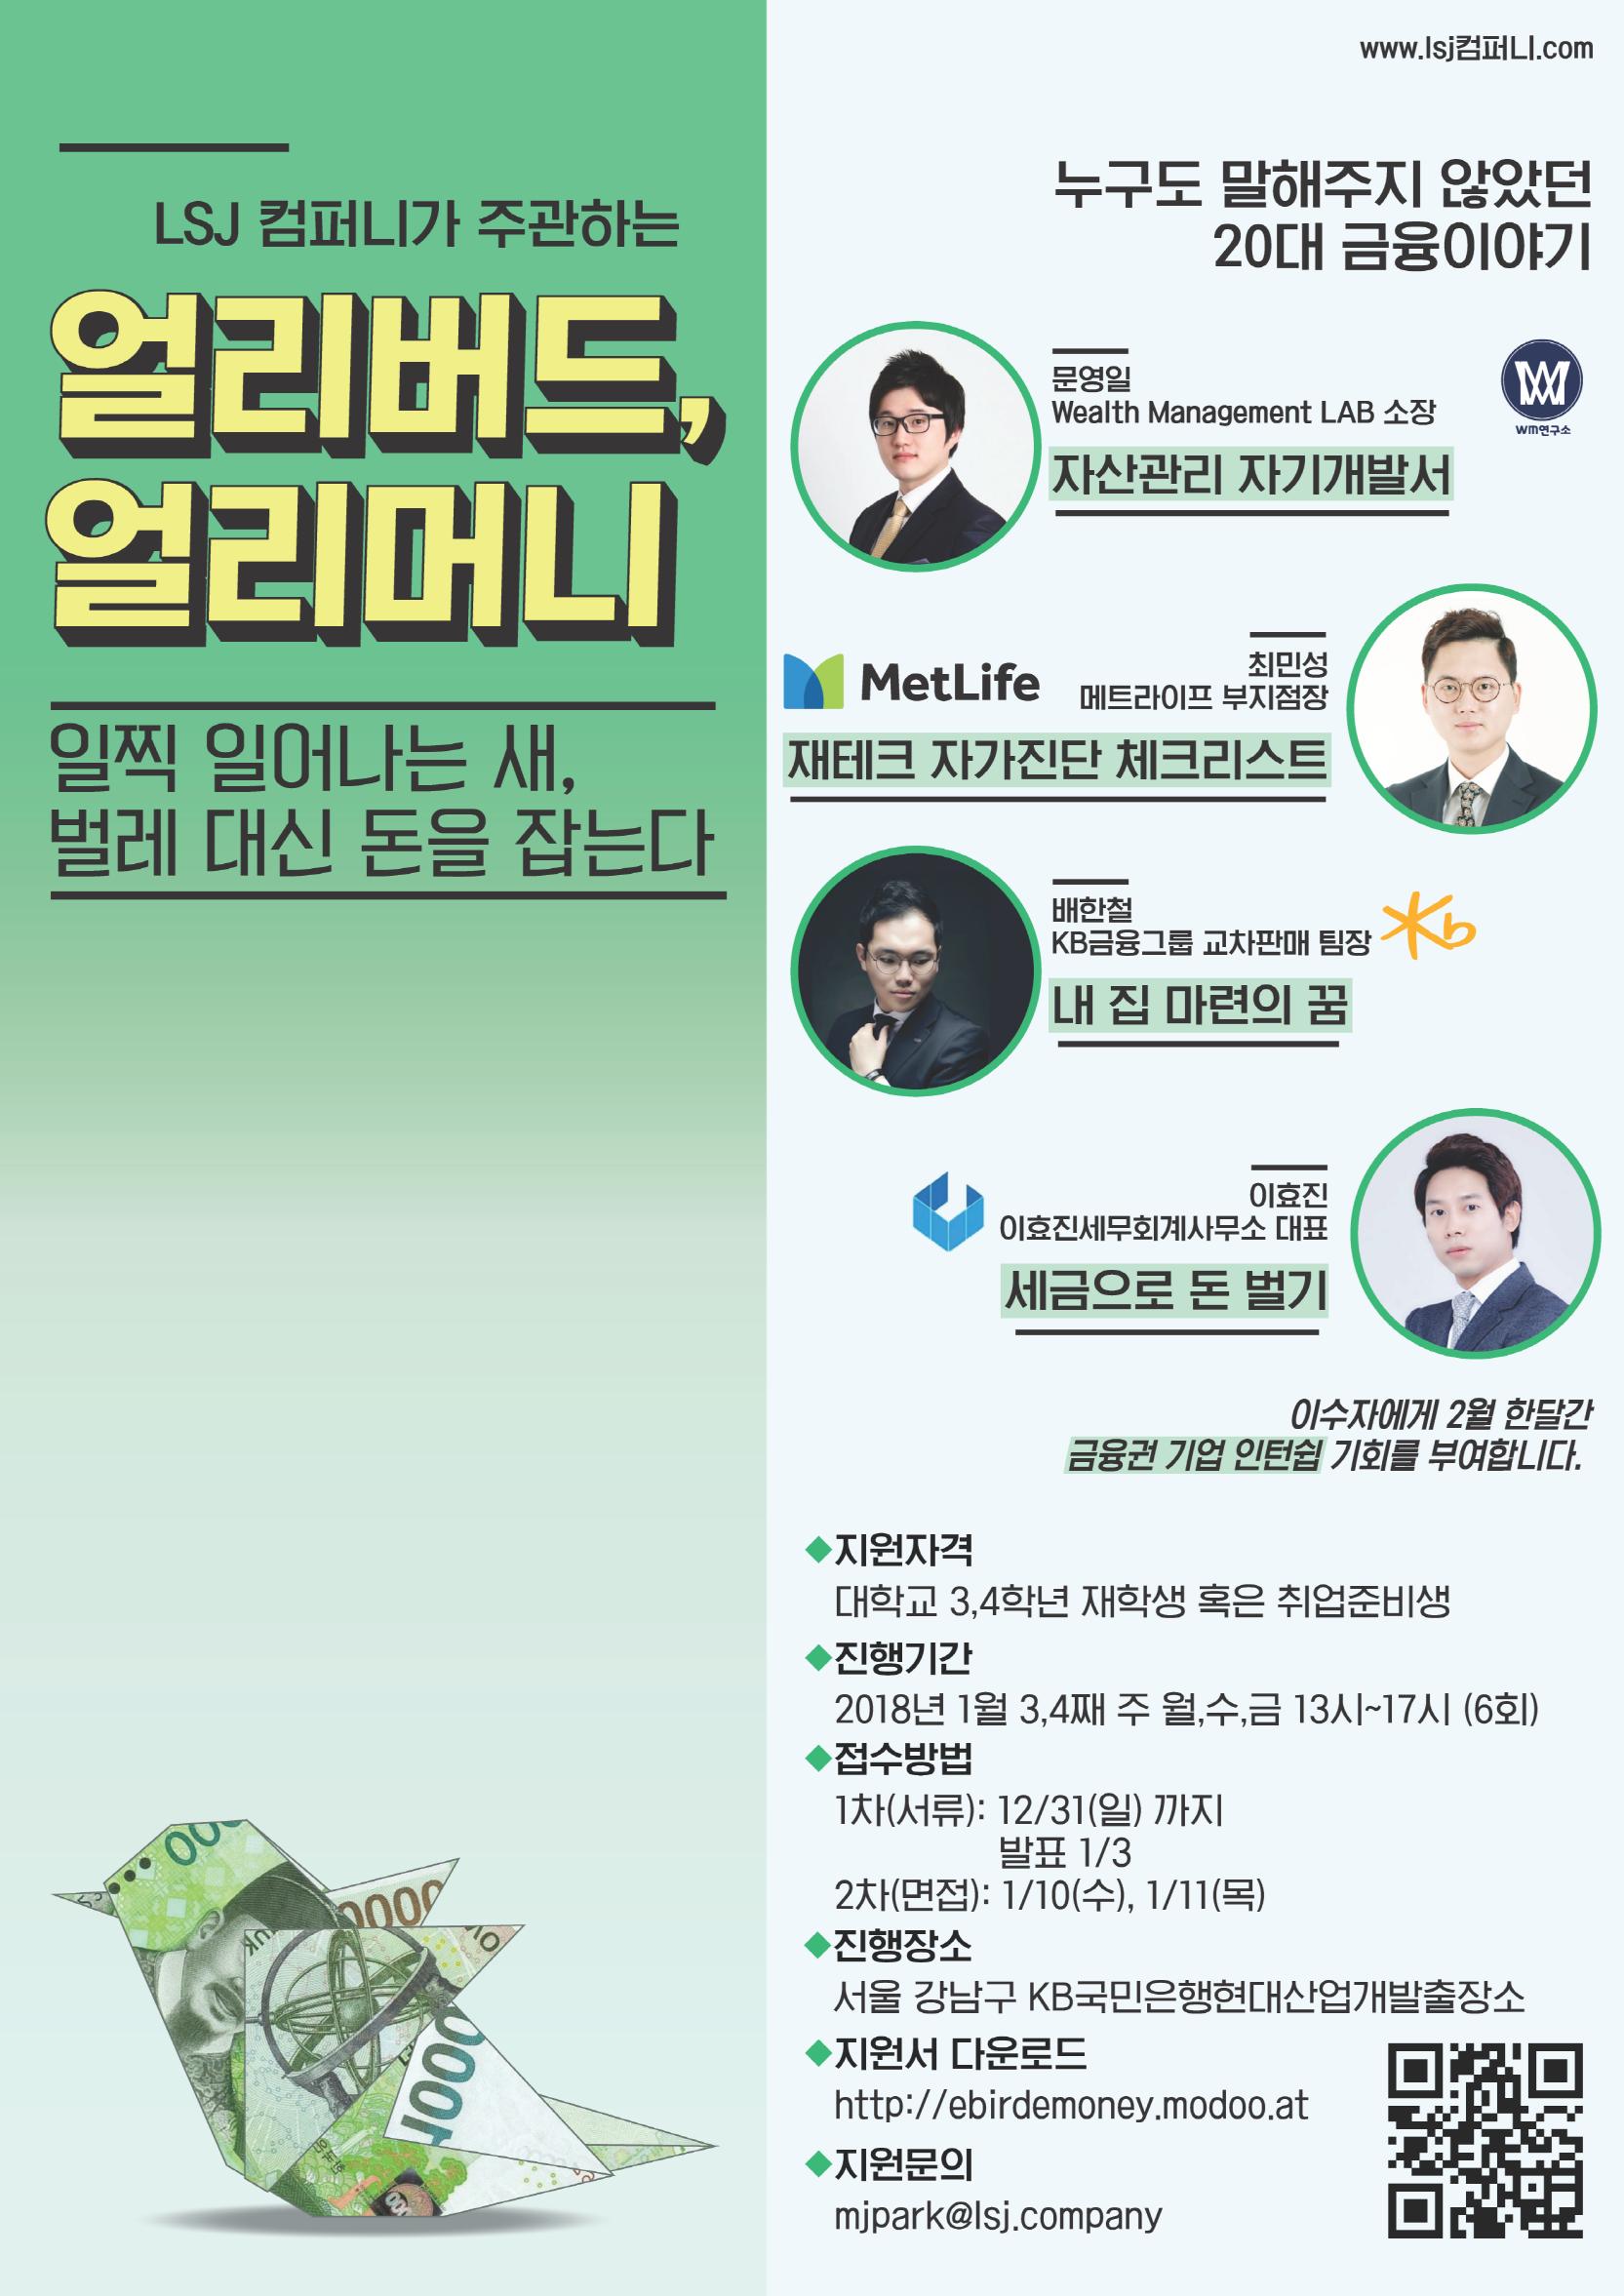 대학생 긍융 교육프로젝트 [얼리버드 얼리머니]